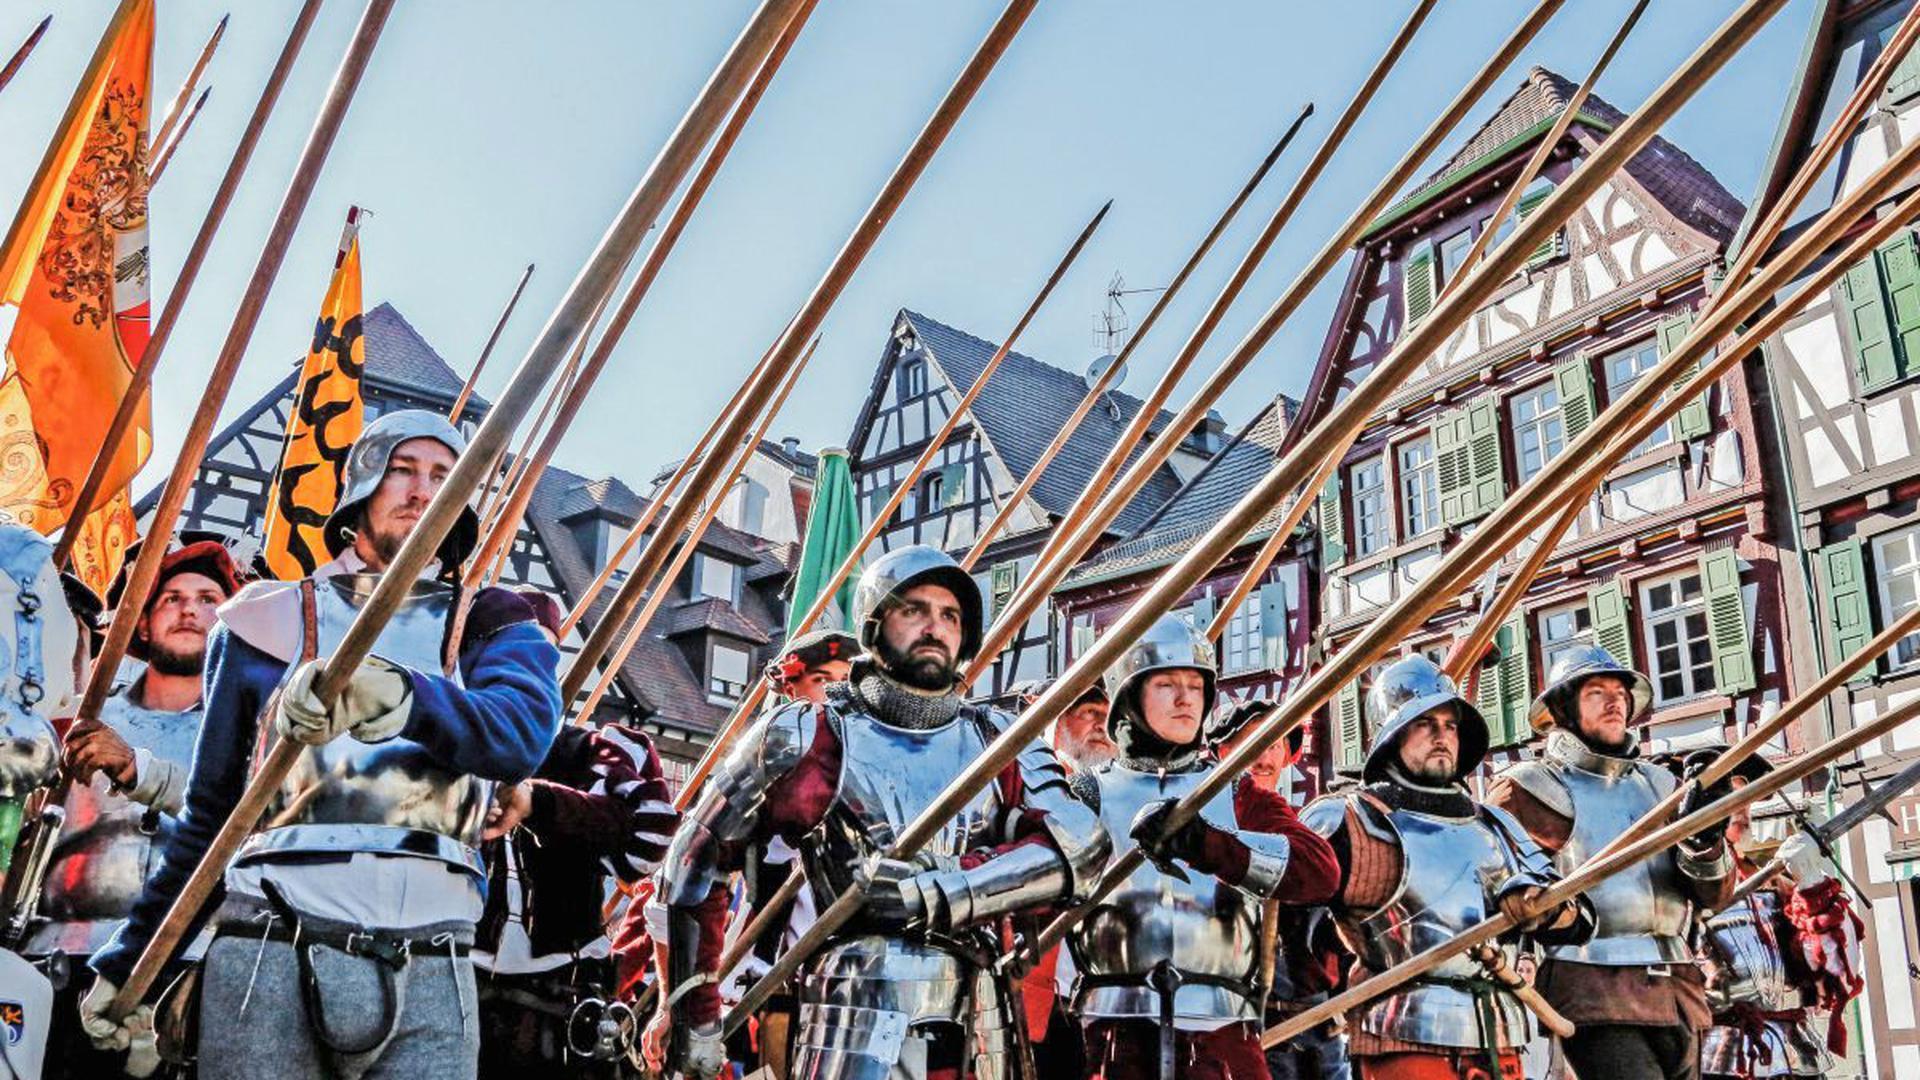 Der Gewalthaufen auf dem Weg zur Schlacht um Brettheim